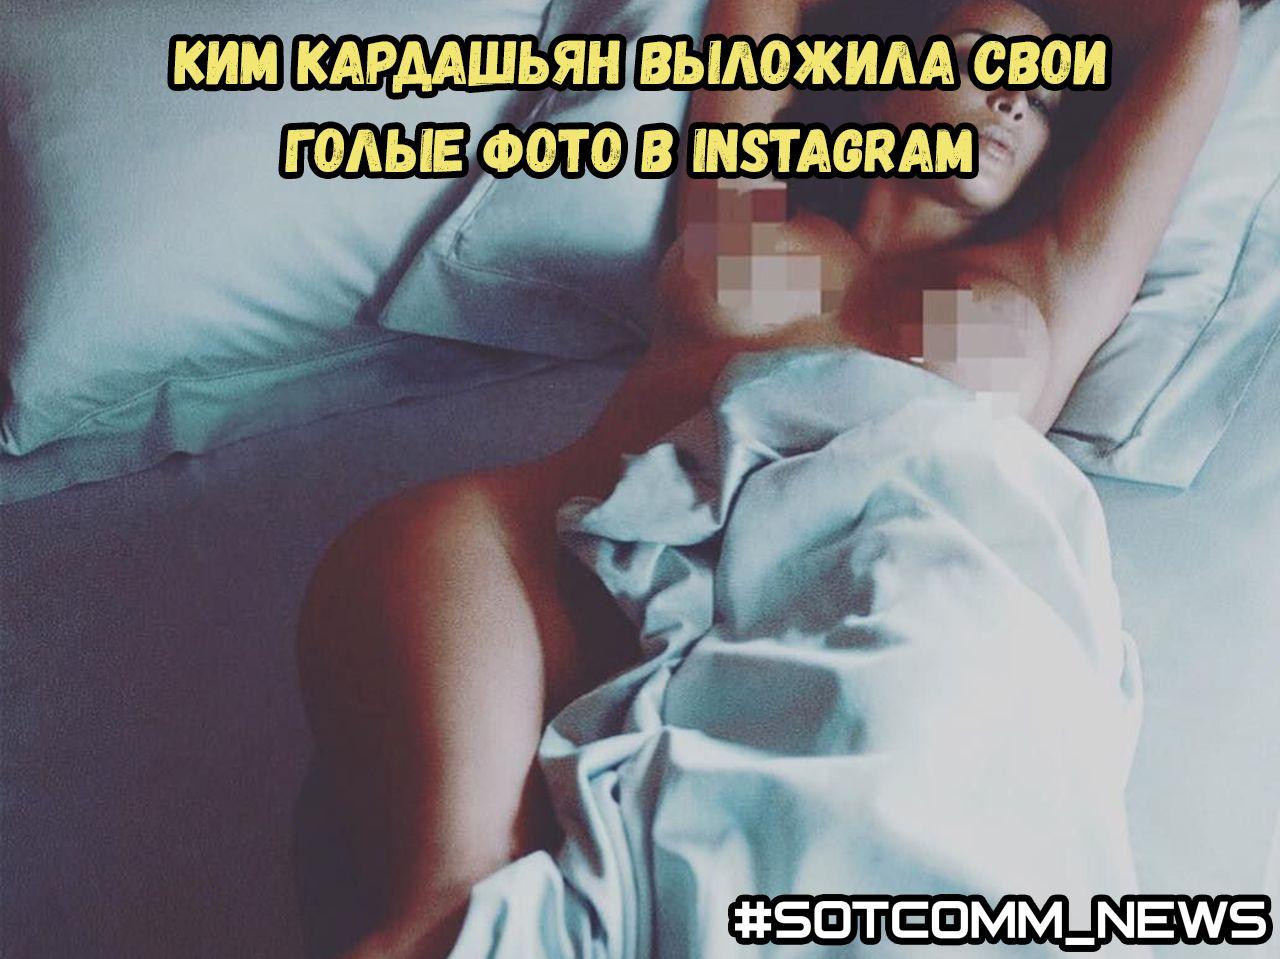 Ким Кардашьян выложила свои голые фото в Instagram